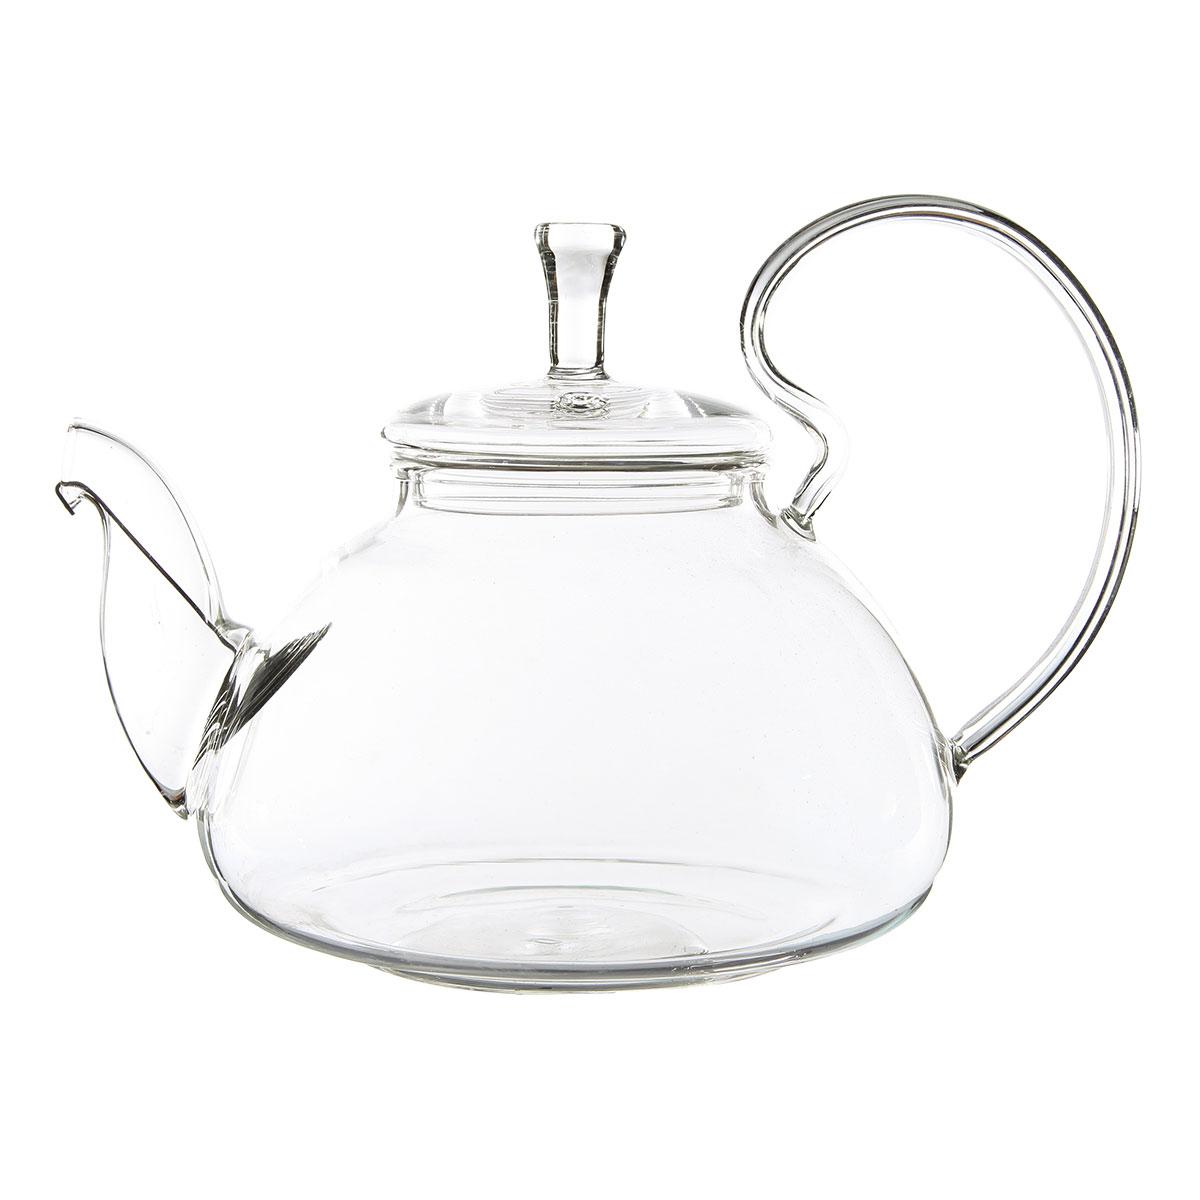 Стеклянный заварочный чайник Георгин, 670 мл чайник заварочный queen ruby с фильтром 500 мл qr 6039